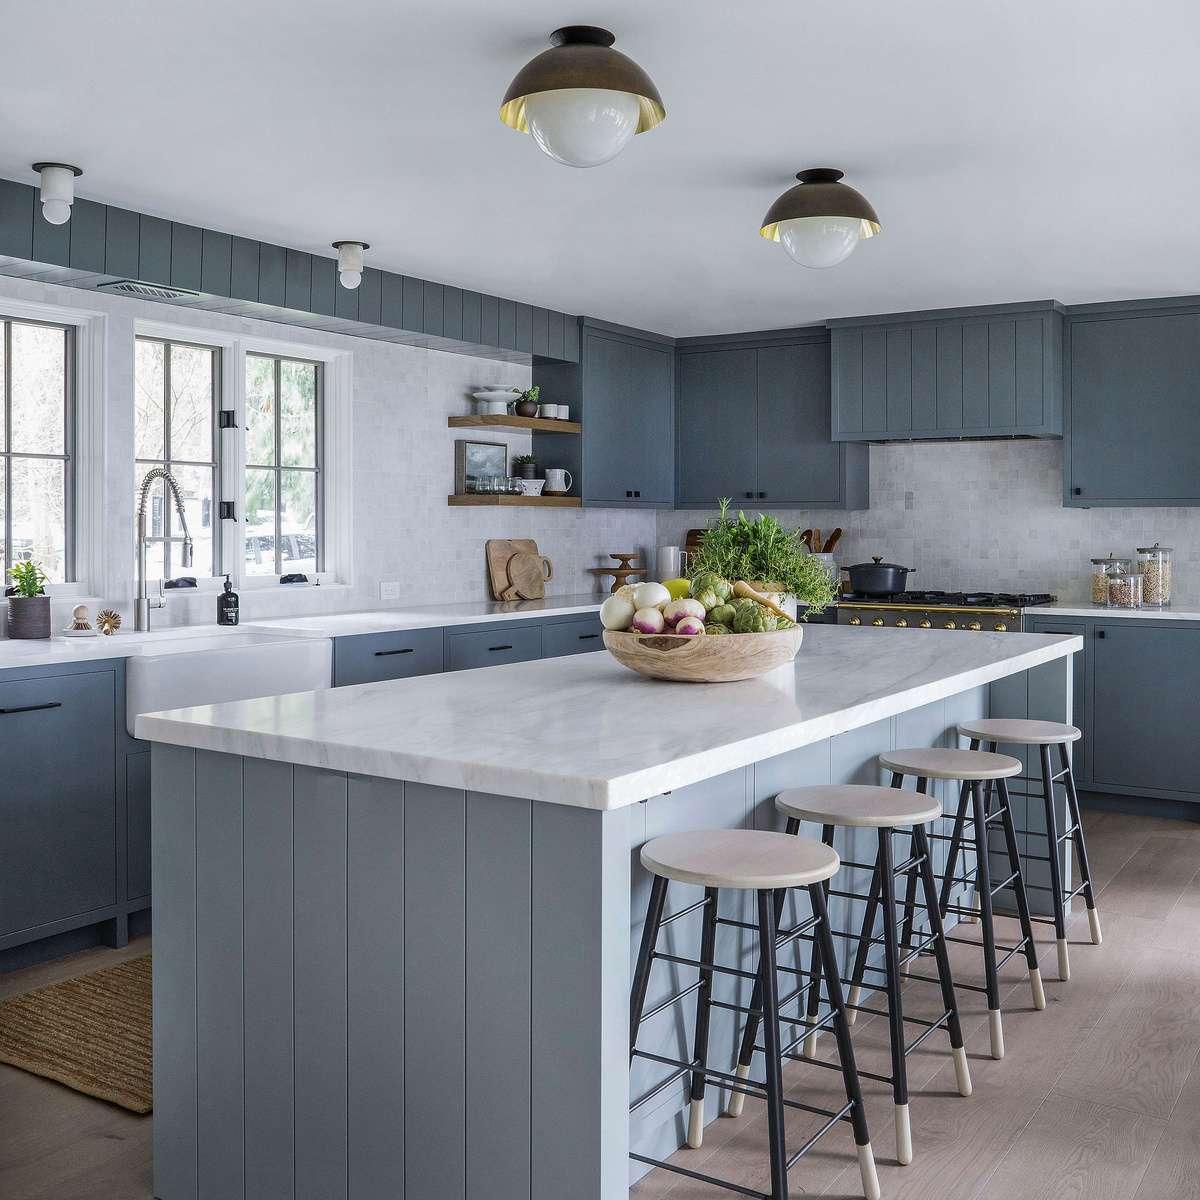 laminate floors in kitchen